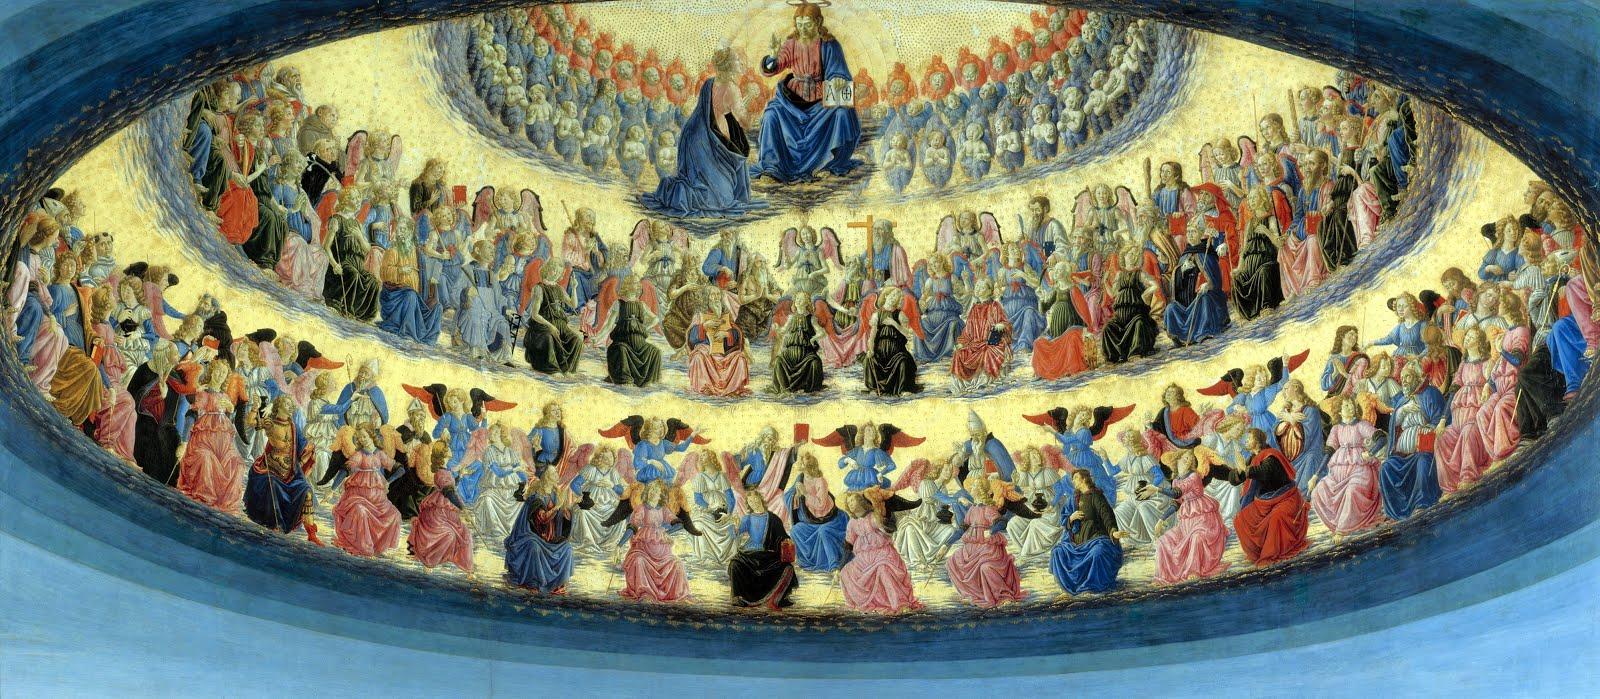 PERCORSO DI LAVORO SPIRITUALE CON GLI ANGELI